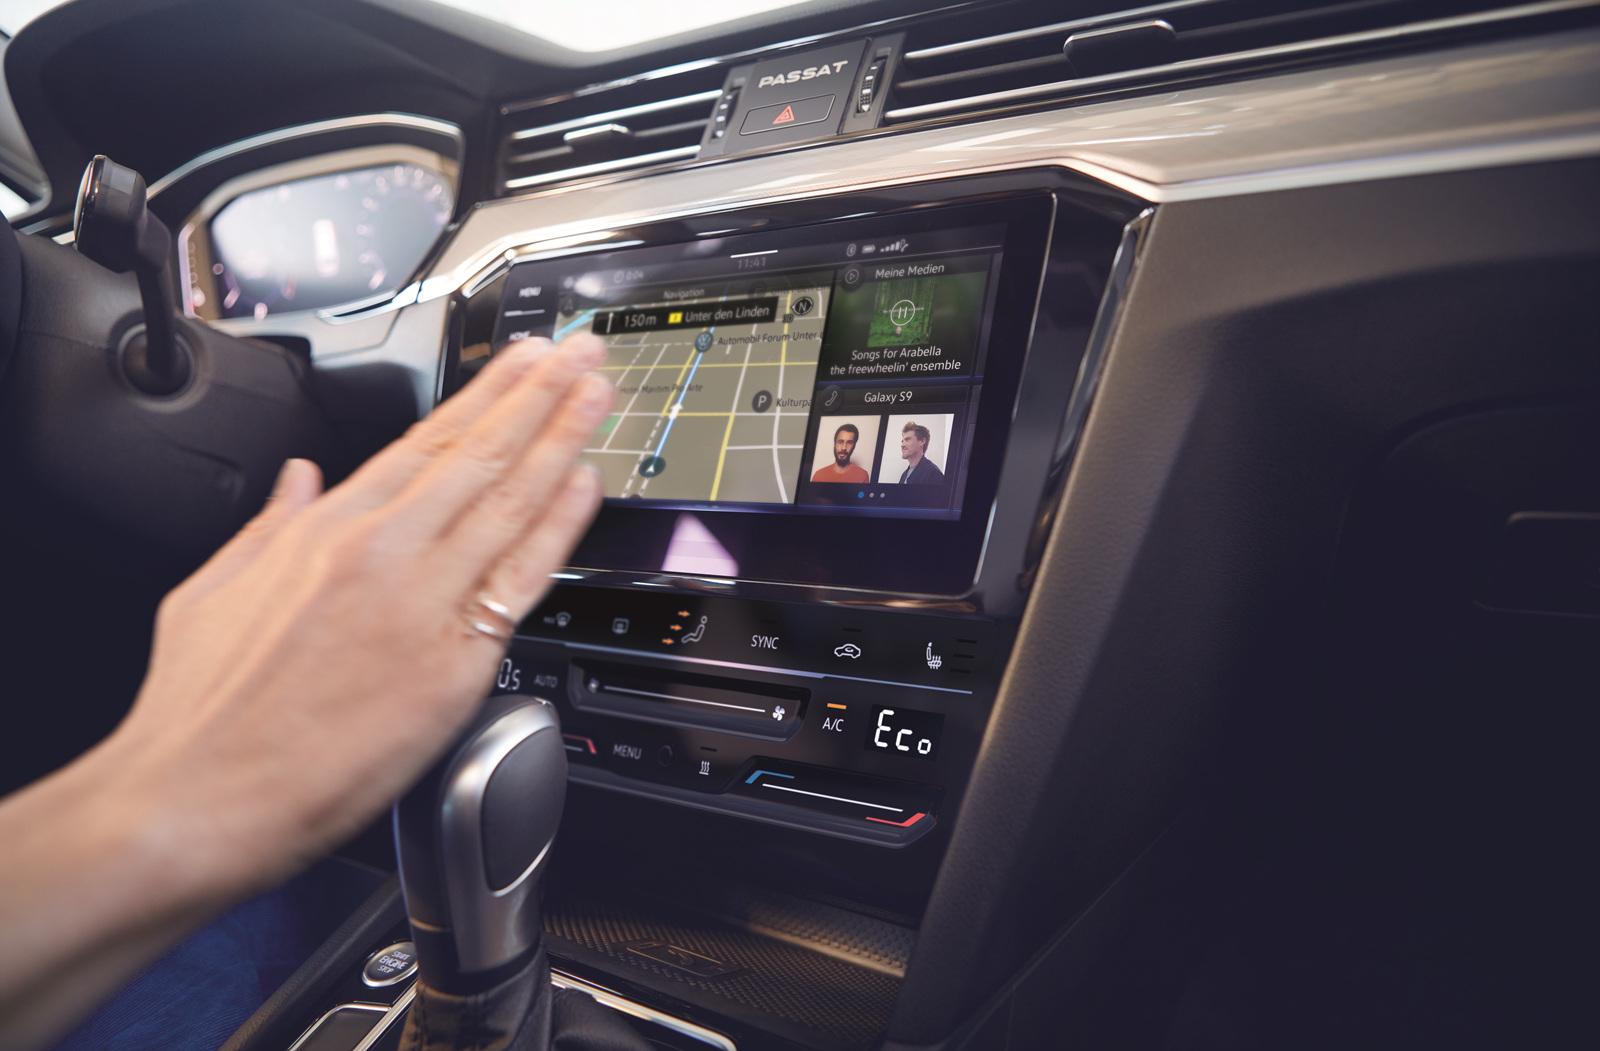 [폭스바겐] 뉴 스마트 비지니스 세단 신형 파사트 GT_최신 인포테인먼트 시스템 MIB3